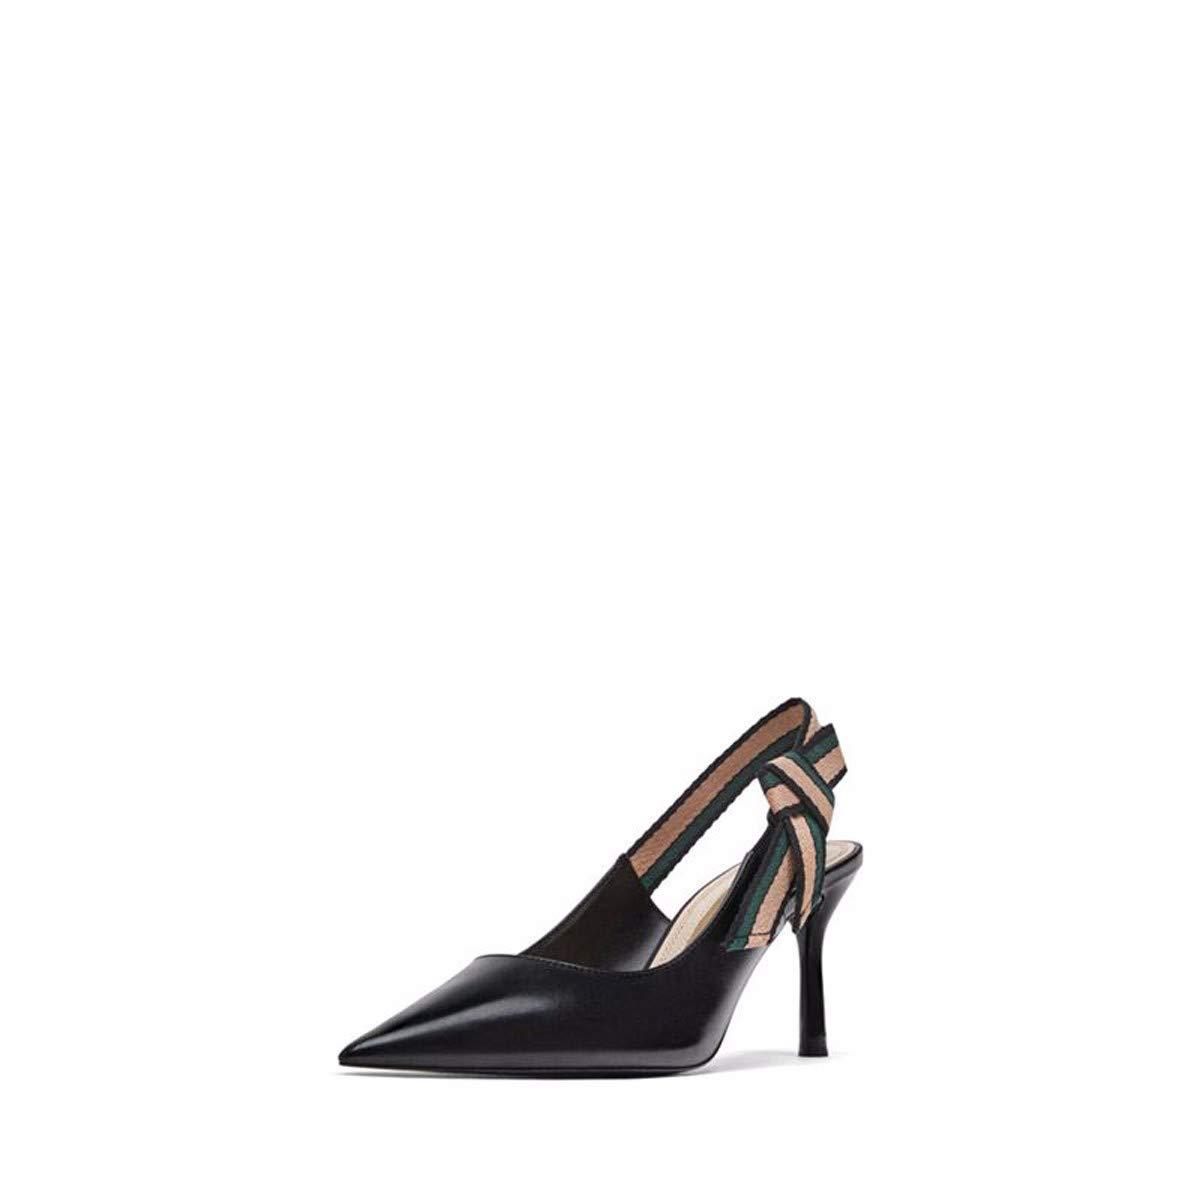 HBDLH Damenschuhe Mode Spitze 6 cm Heel Gut Bei Fuß Leder Schuhe